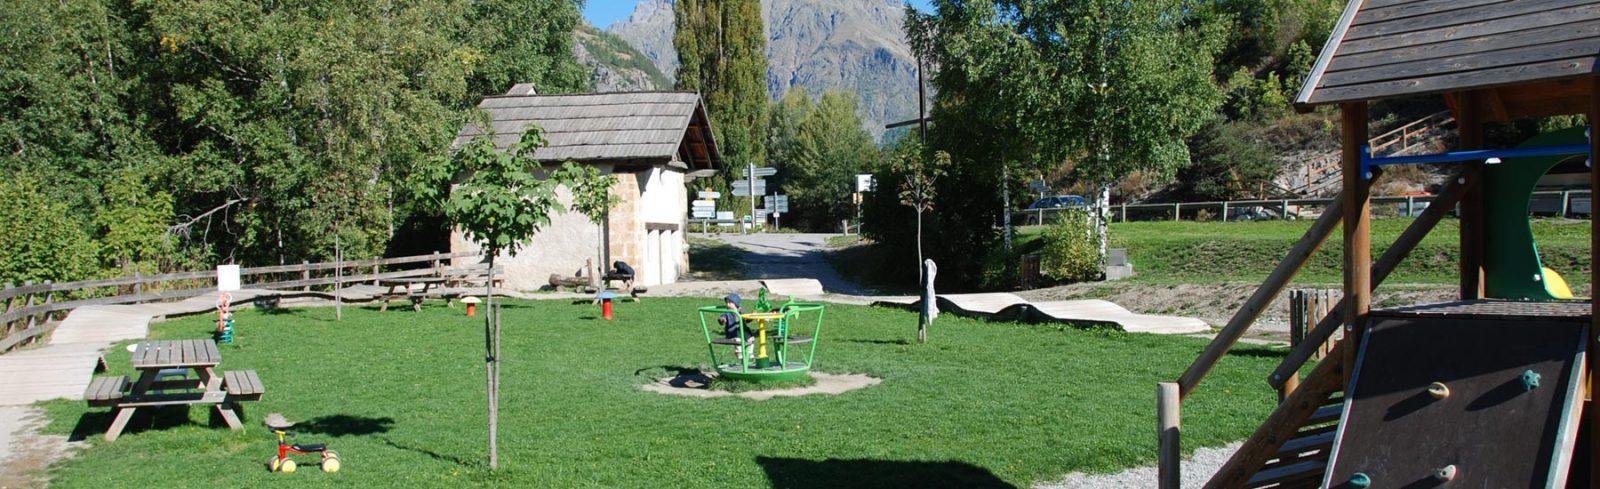 Parc enfants Vallouise